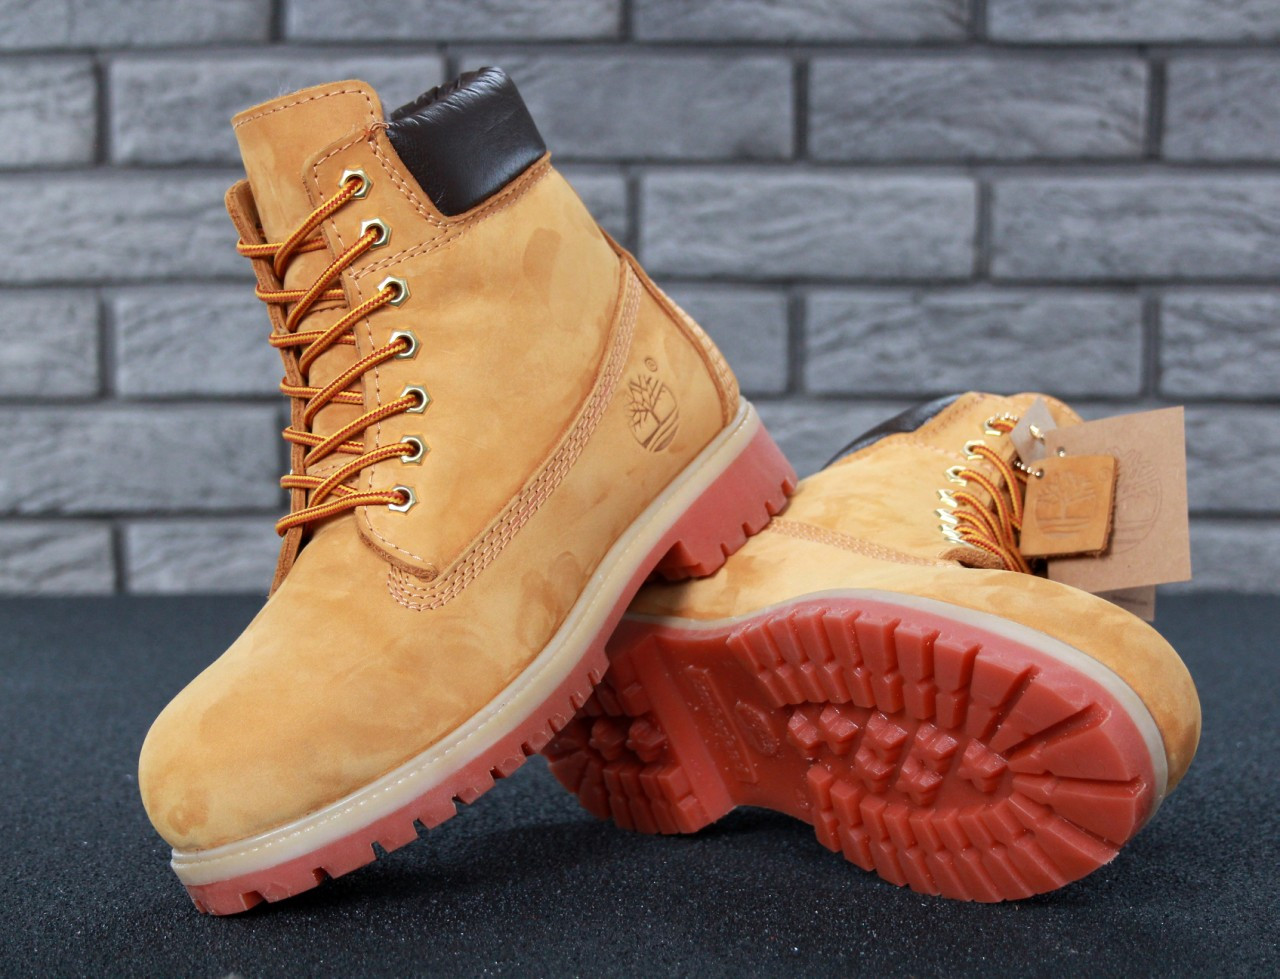 Зимние ботинки Timberland, мужские\женские ботинки с натуральным мехом. ТОП Реплика ААА класса.